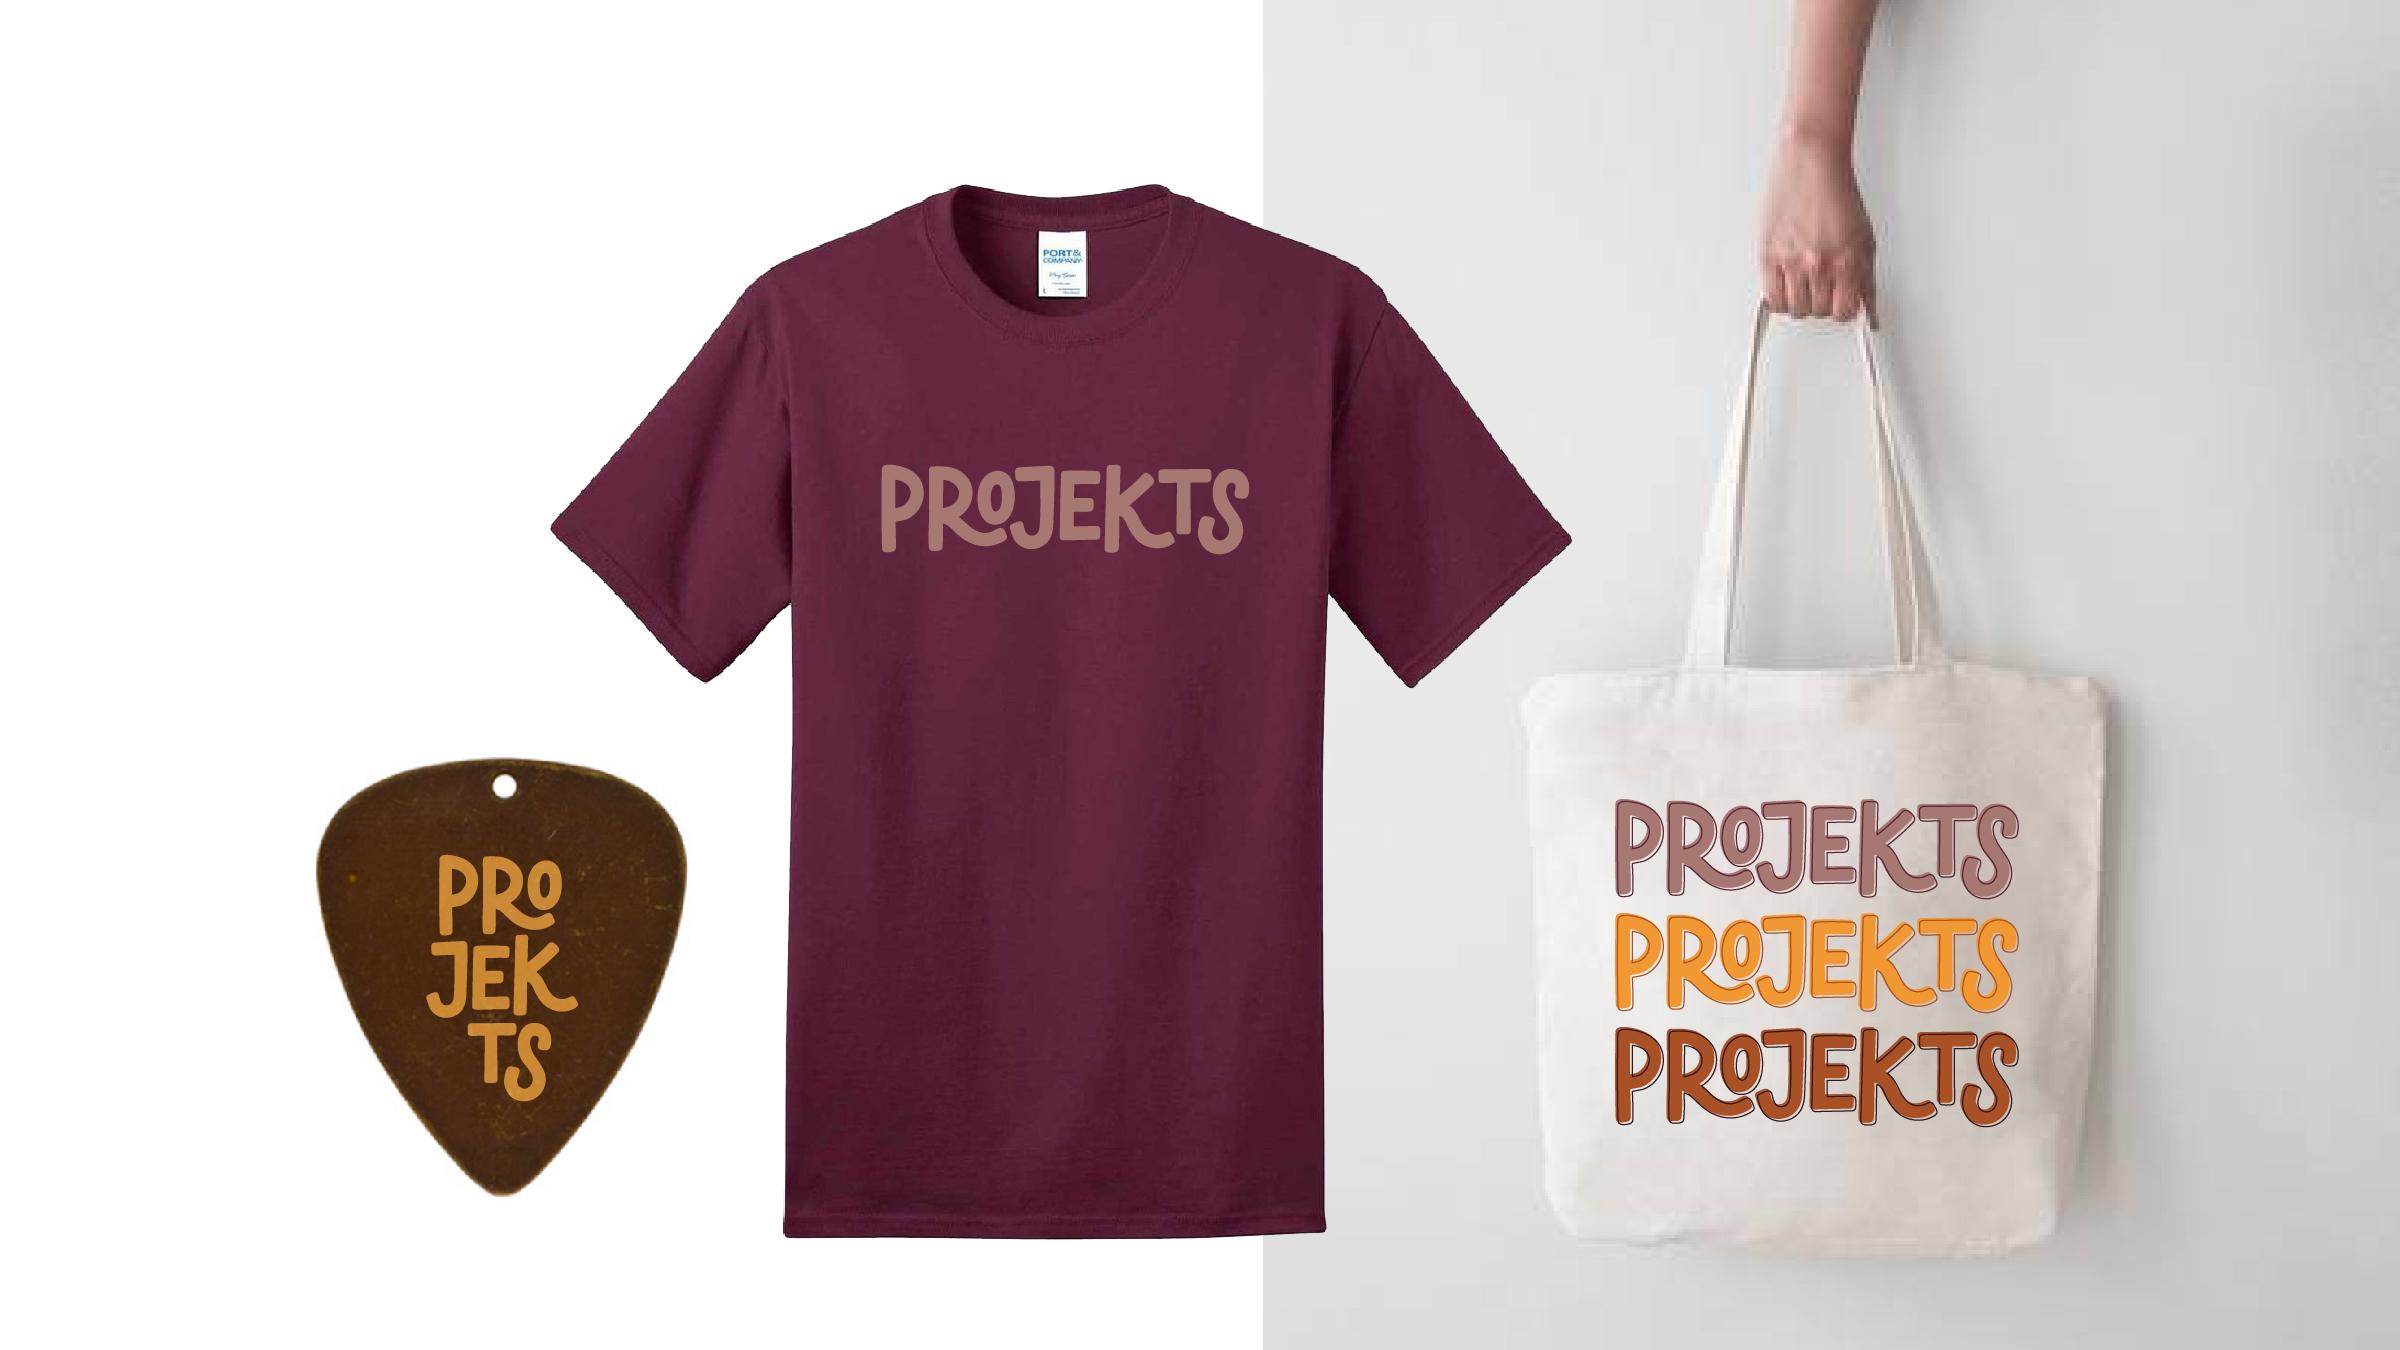 Projekts Branding